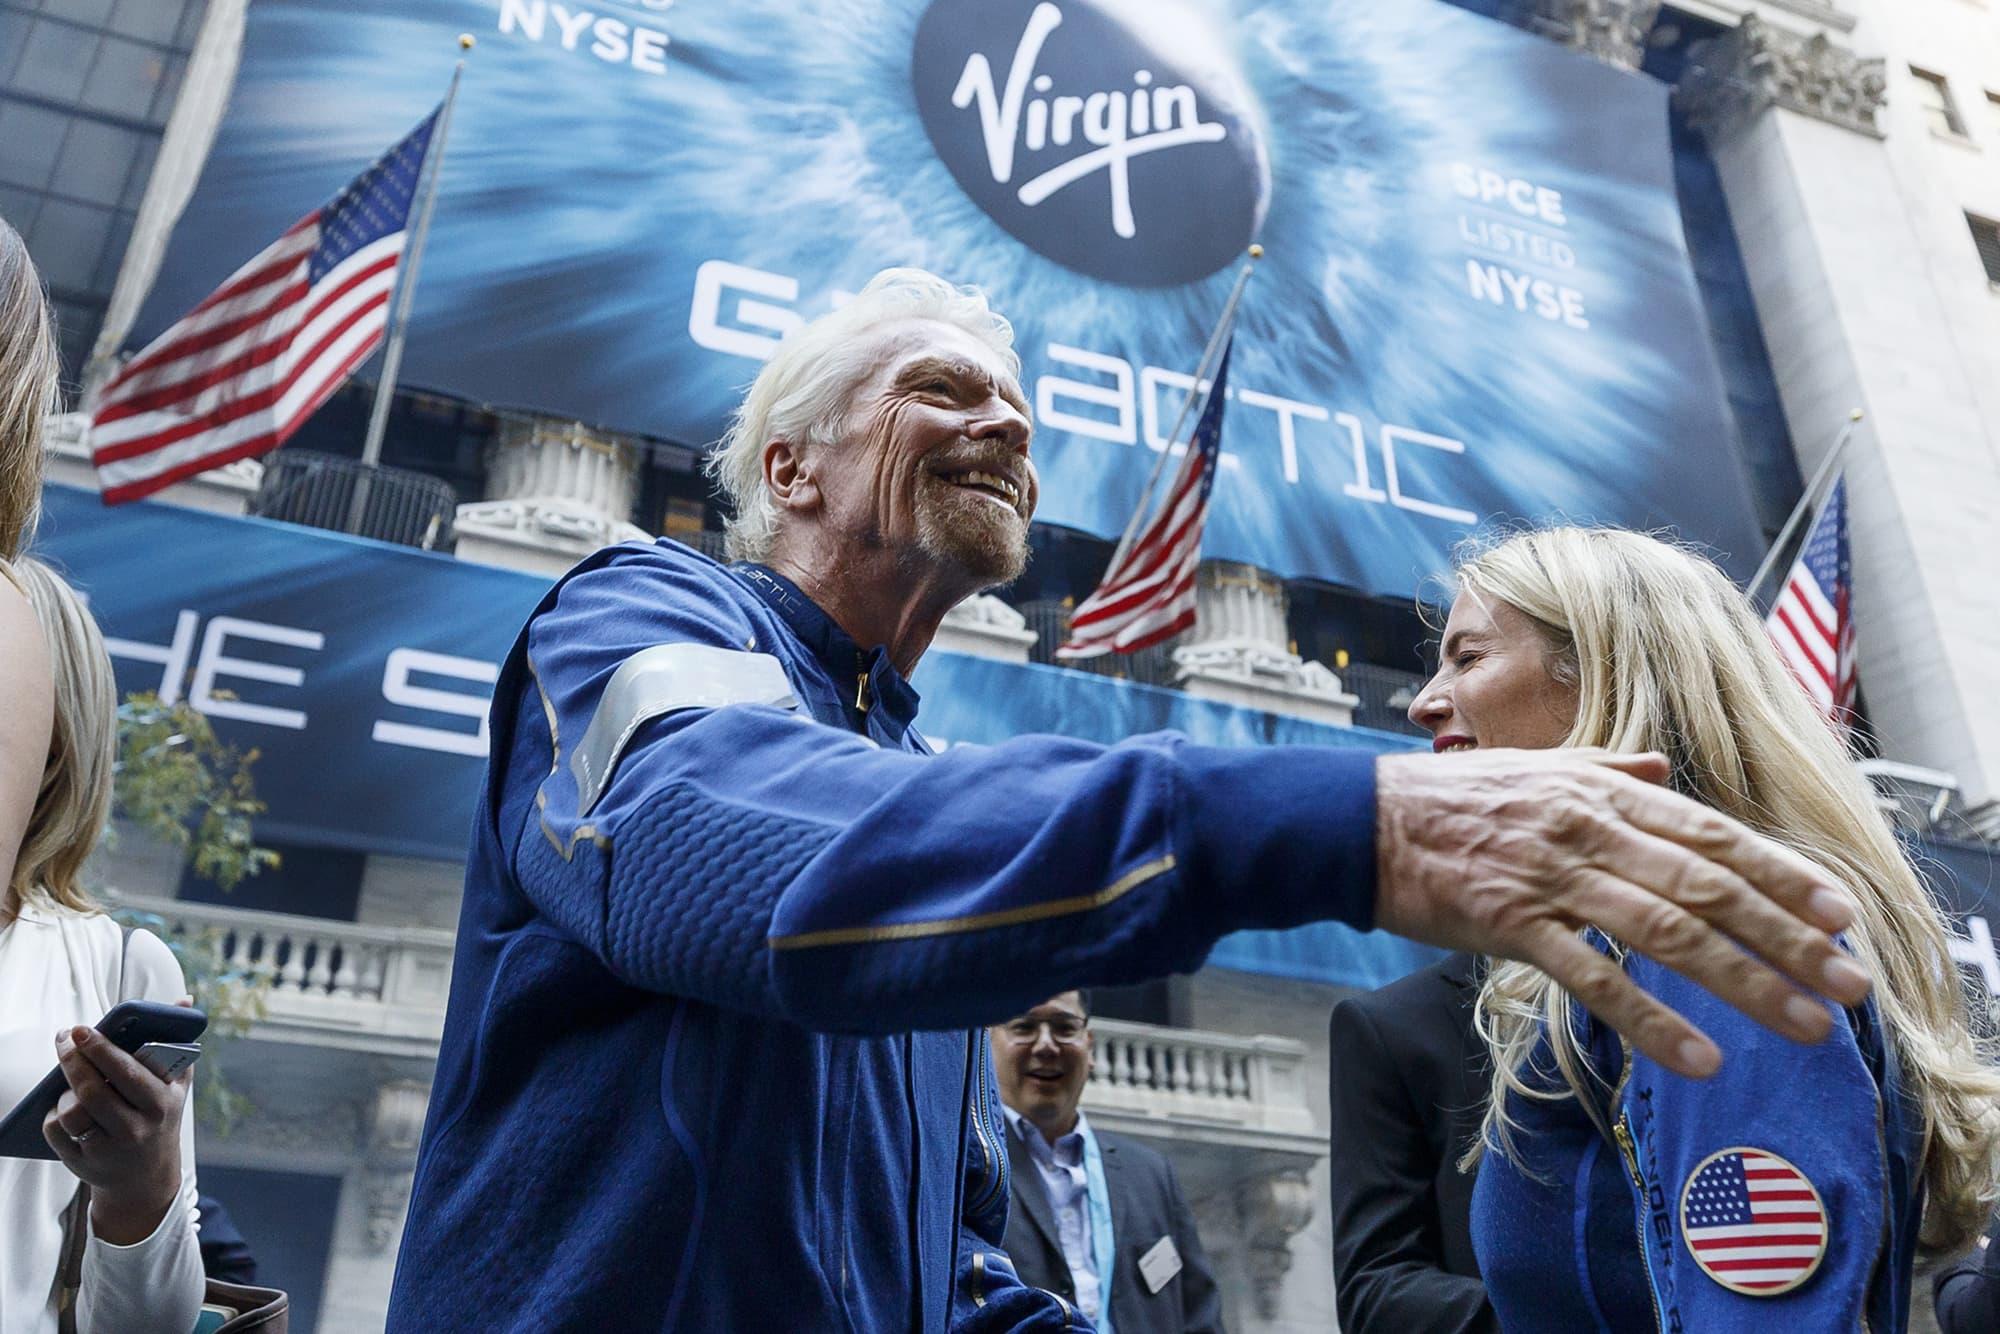 Brittiläinen Virgin-imperiumin luoja Richard Branson New Yorkin pörssitalon edessä.